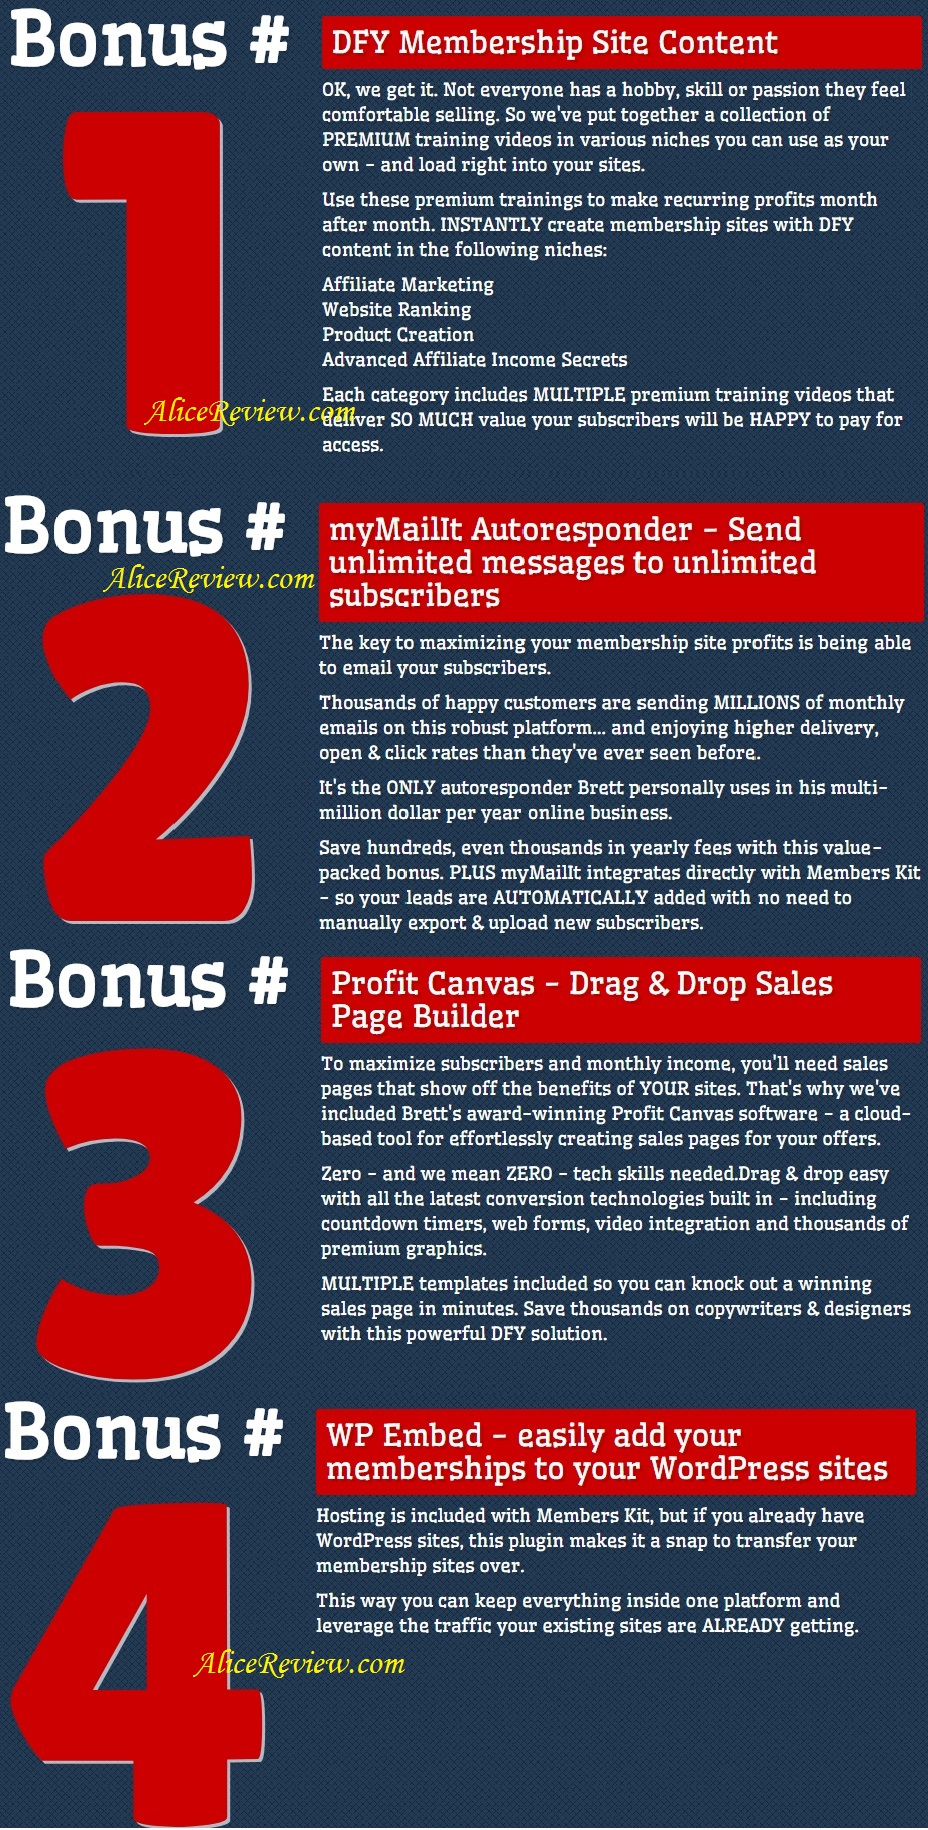 Members Kit bonus